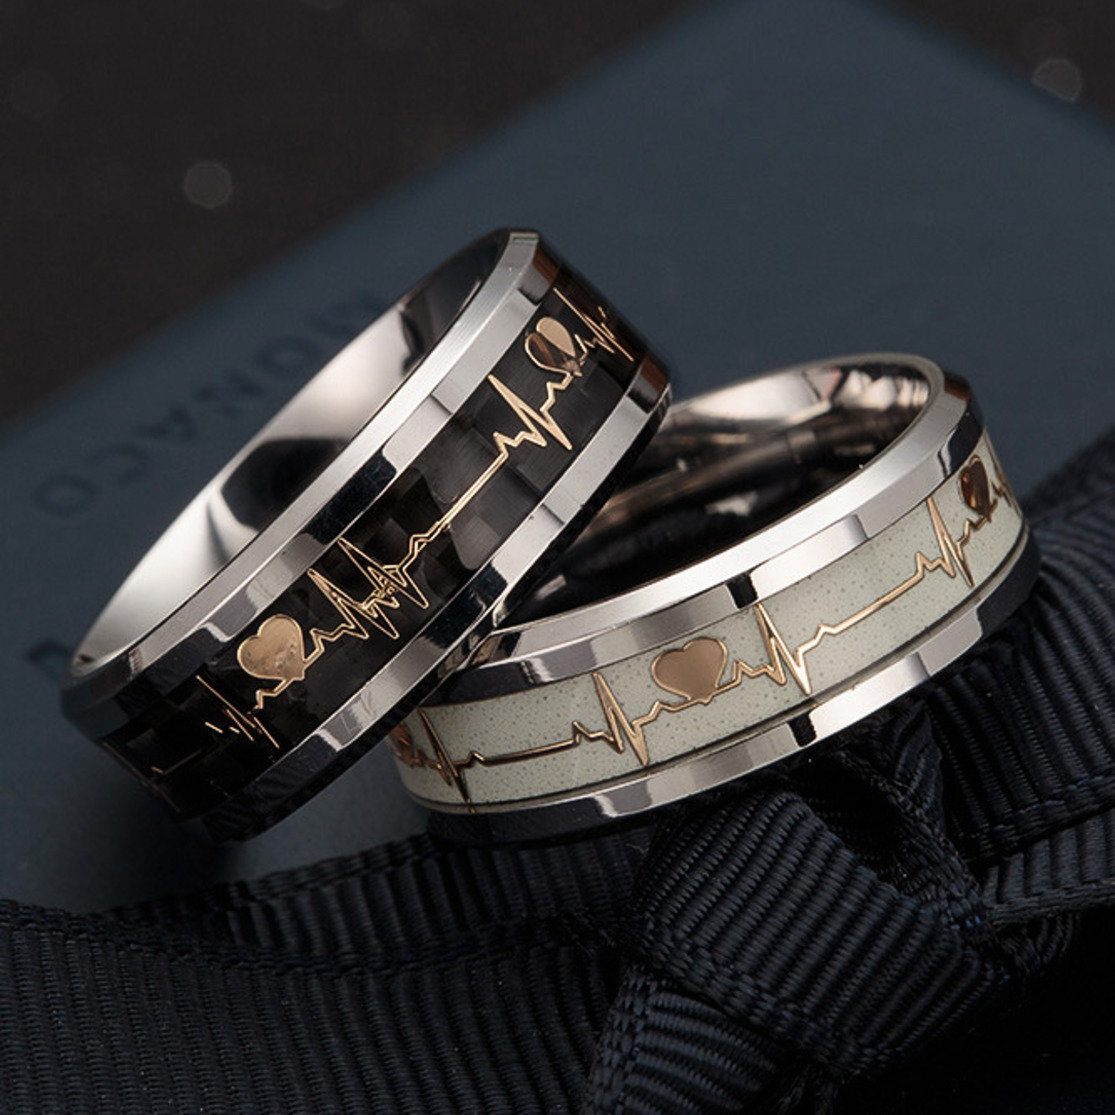 Кольцо из нержавеющей стали унисекс, черное светящееся кольцо «сердцебиение», светящееся, размер 6-13